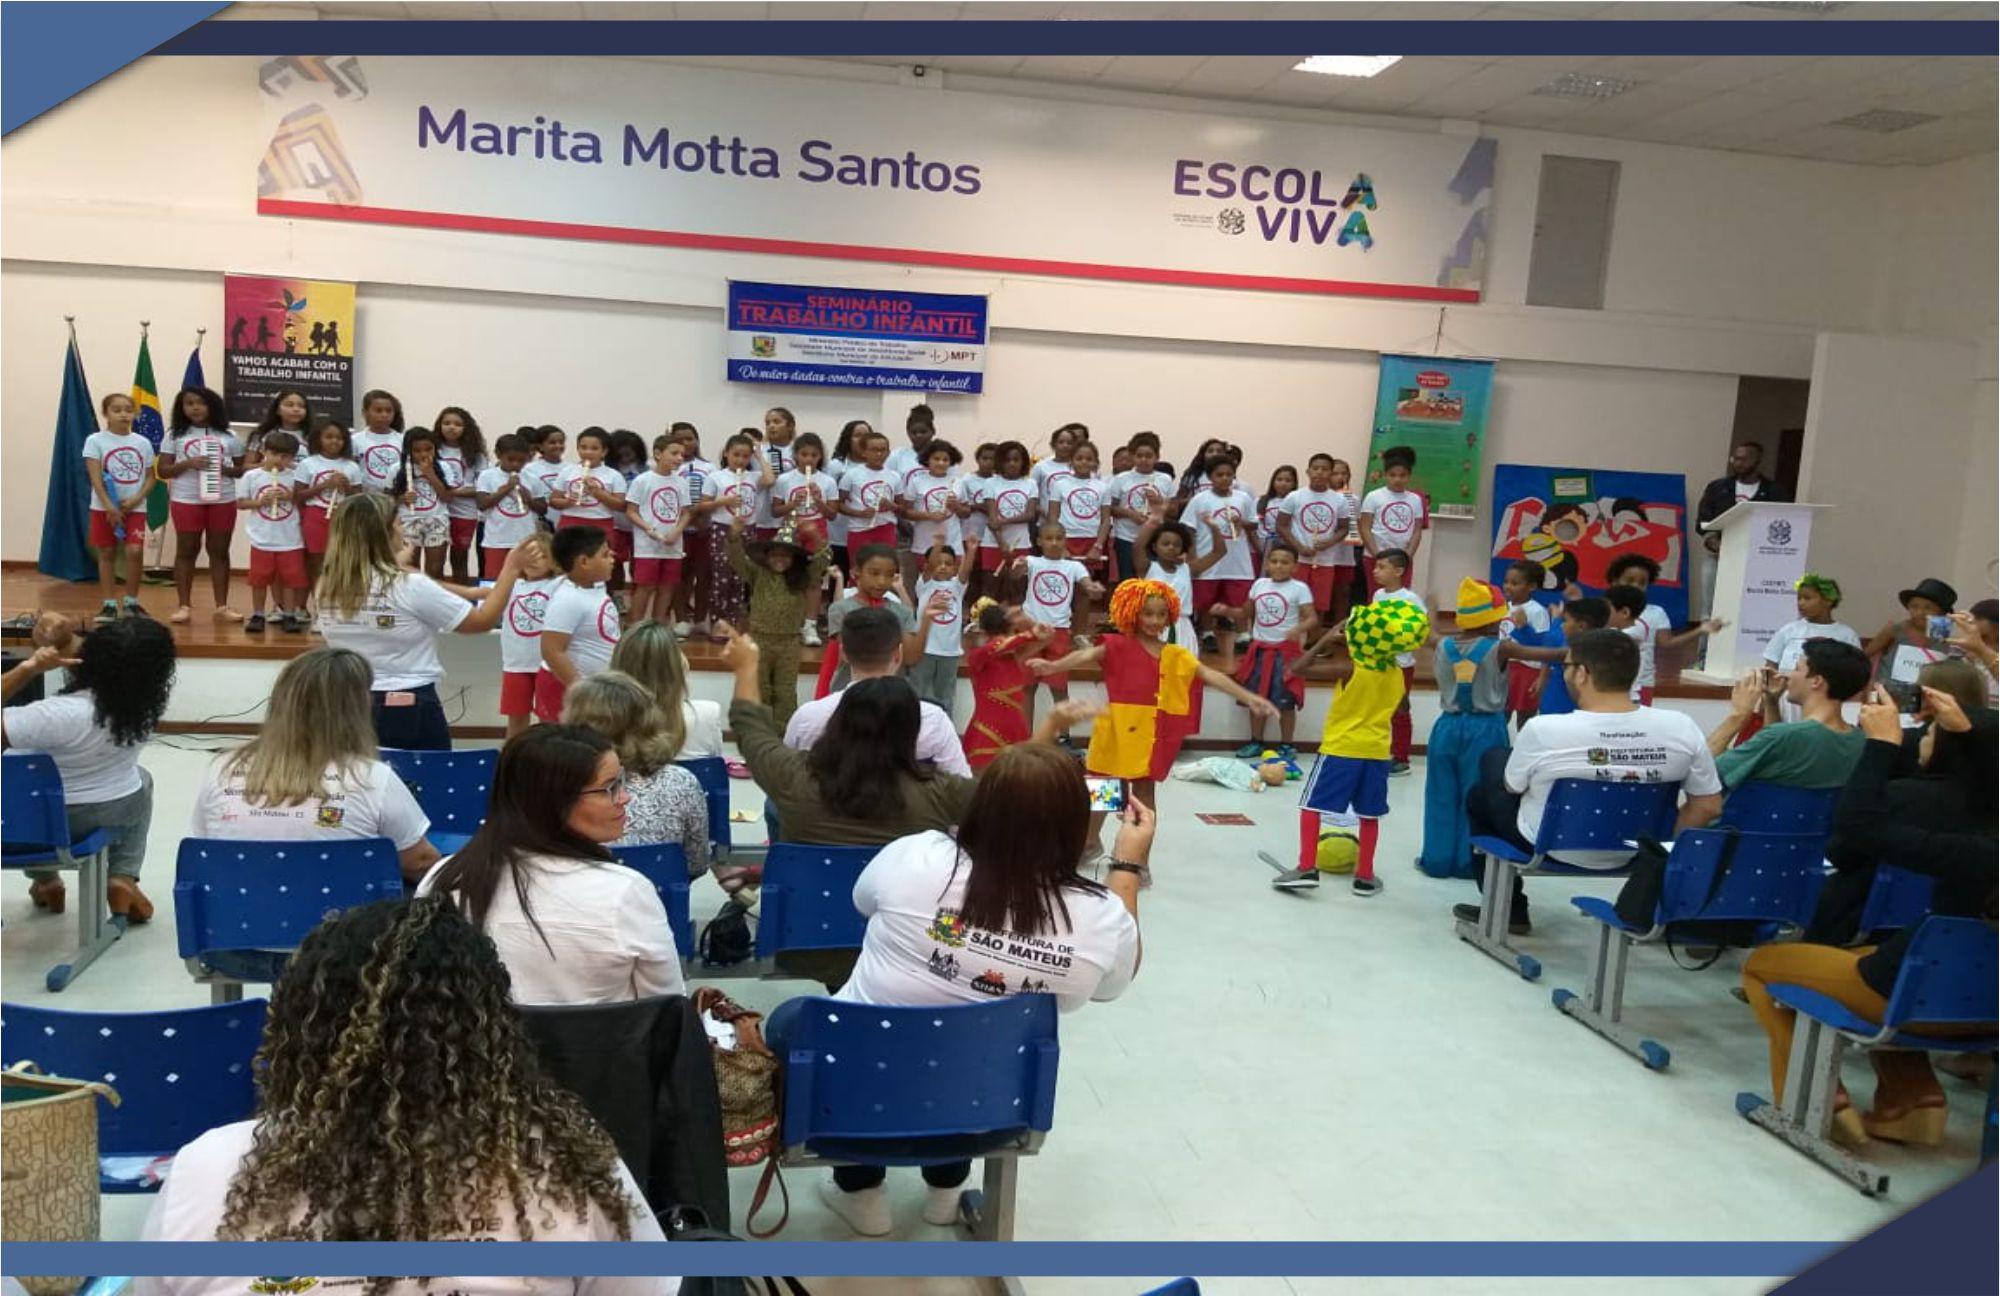 UNIDADES EDUCACIONAIS DE SÃO MATEUS RECEBEM EQUIPAMENTOS DO PROJETO MPT NA ESCOLA